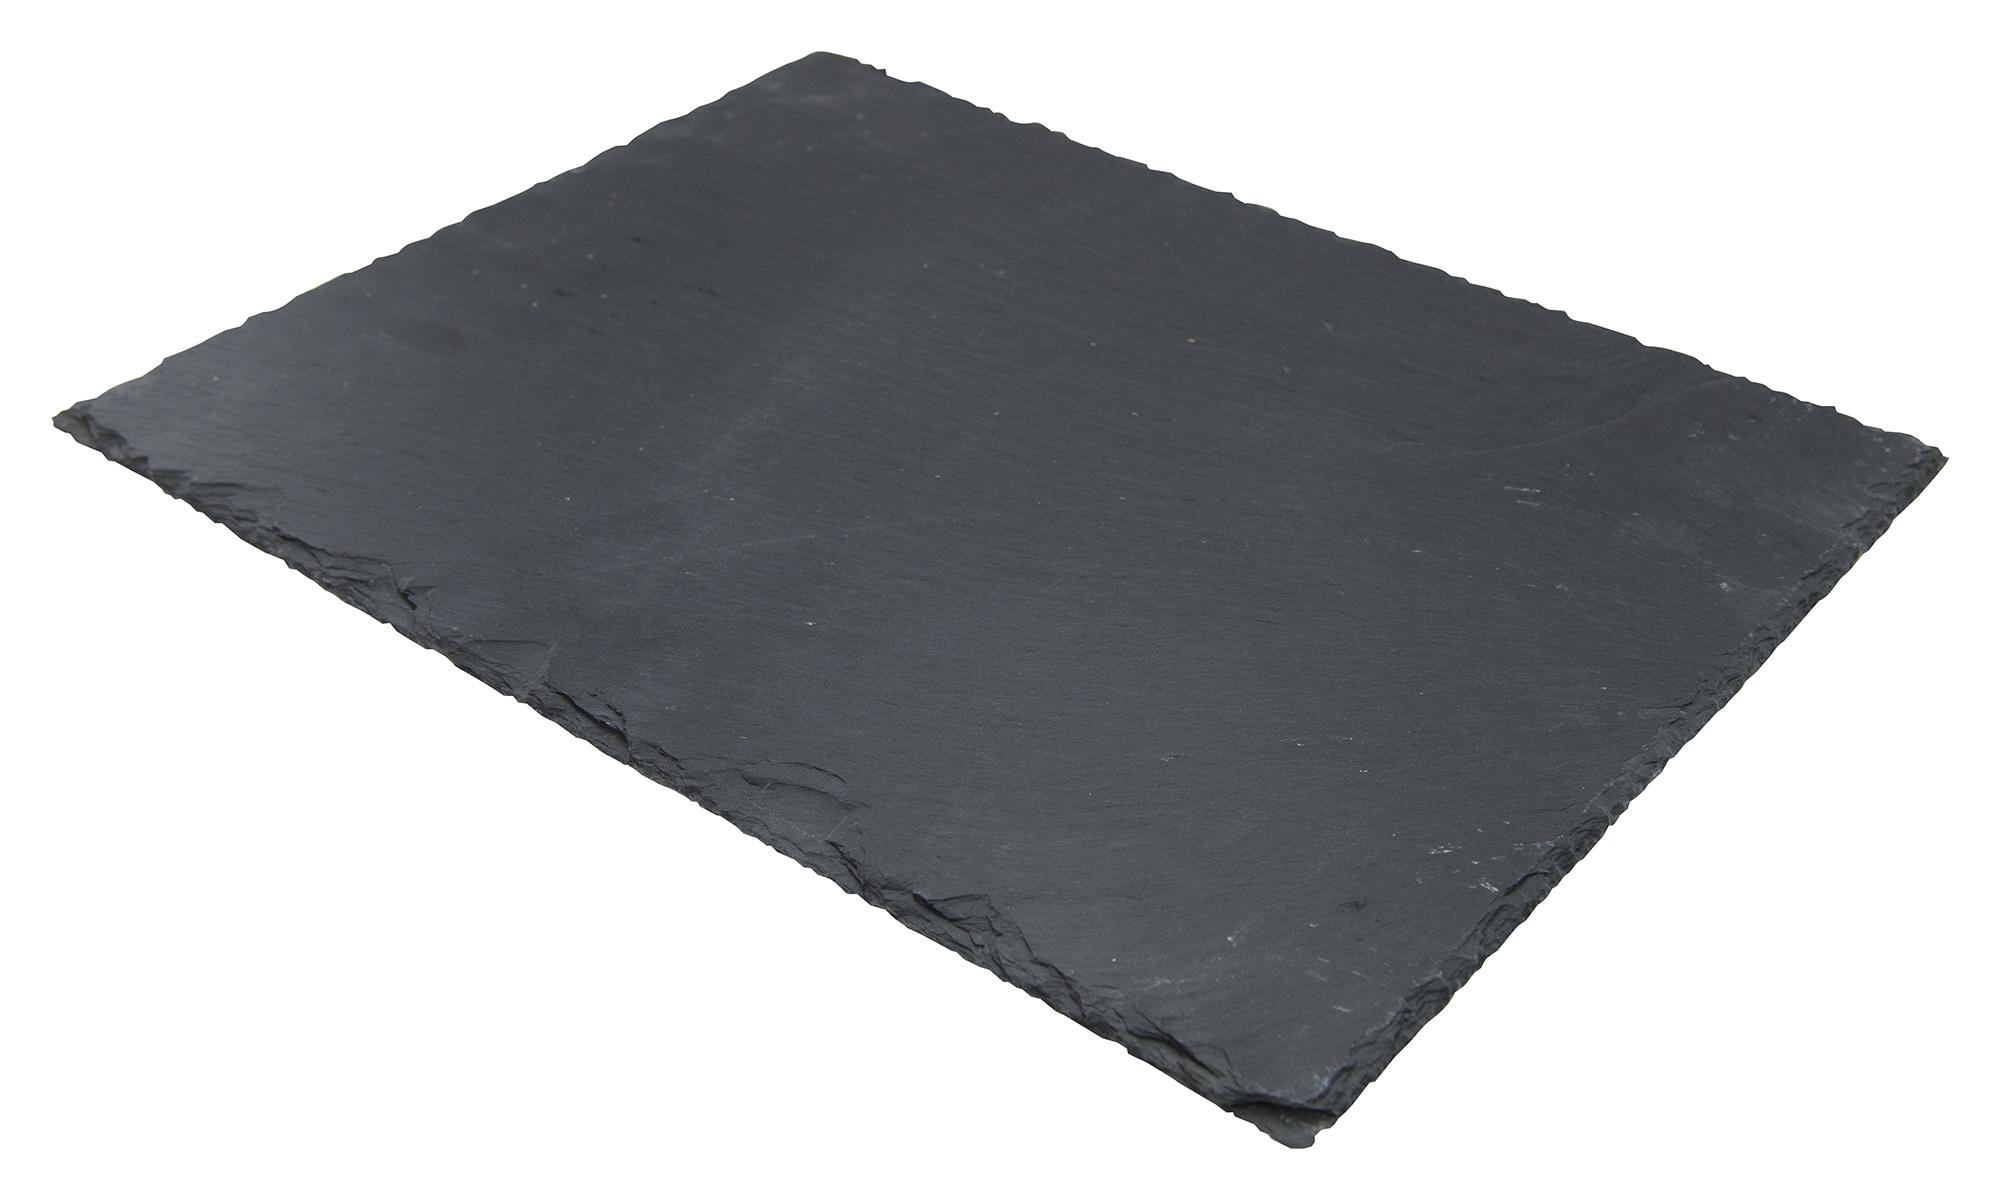 Winco WDL001-303 rectangulater platter